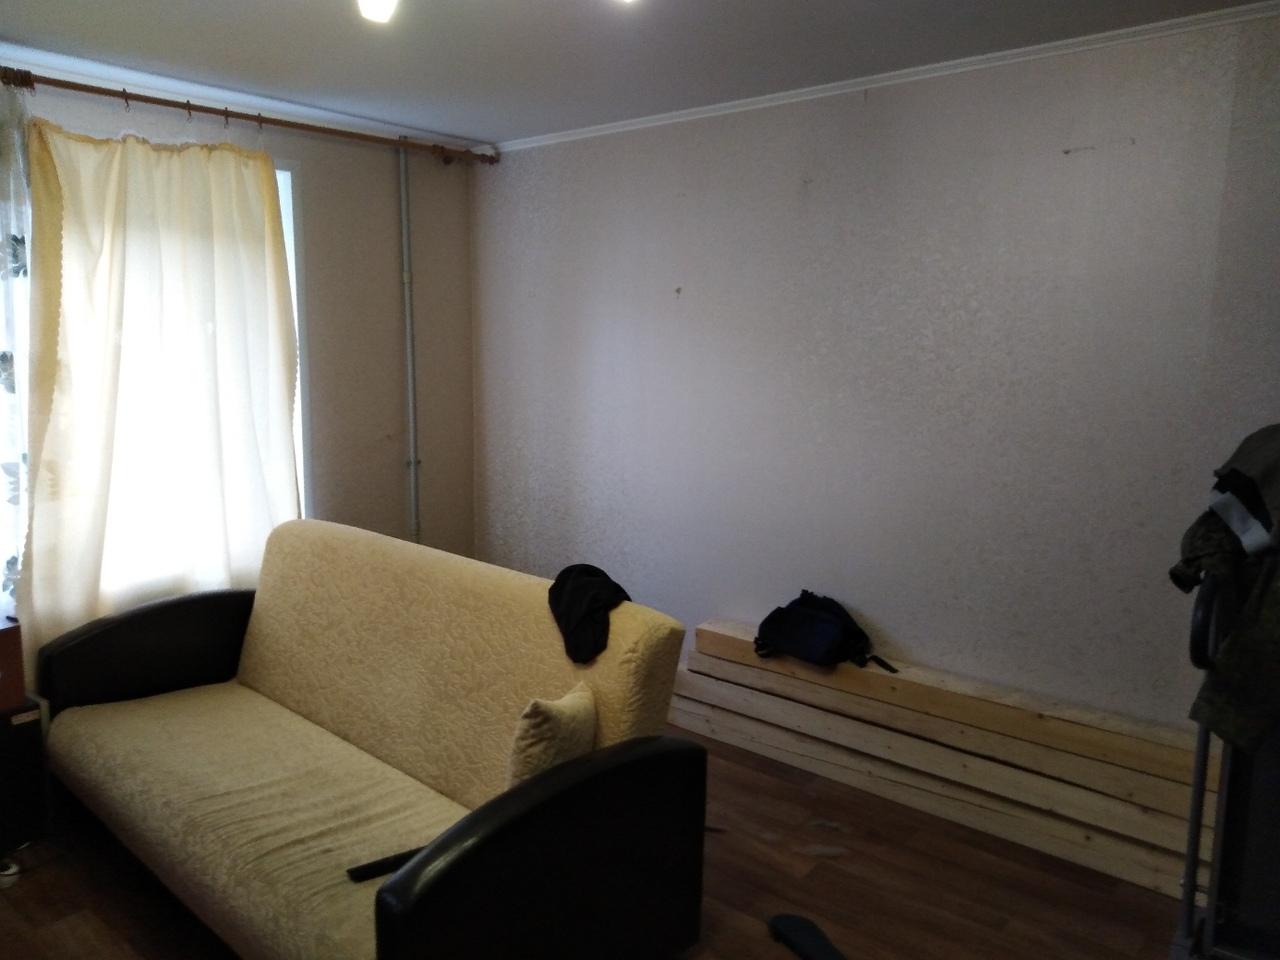 Немного гаража в квартире))